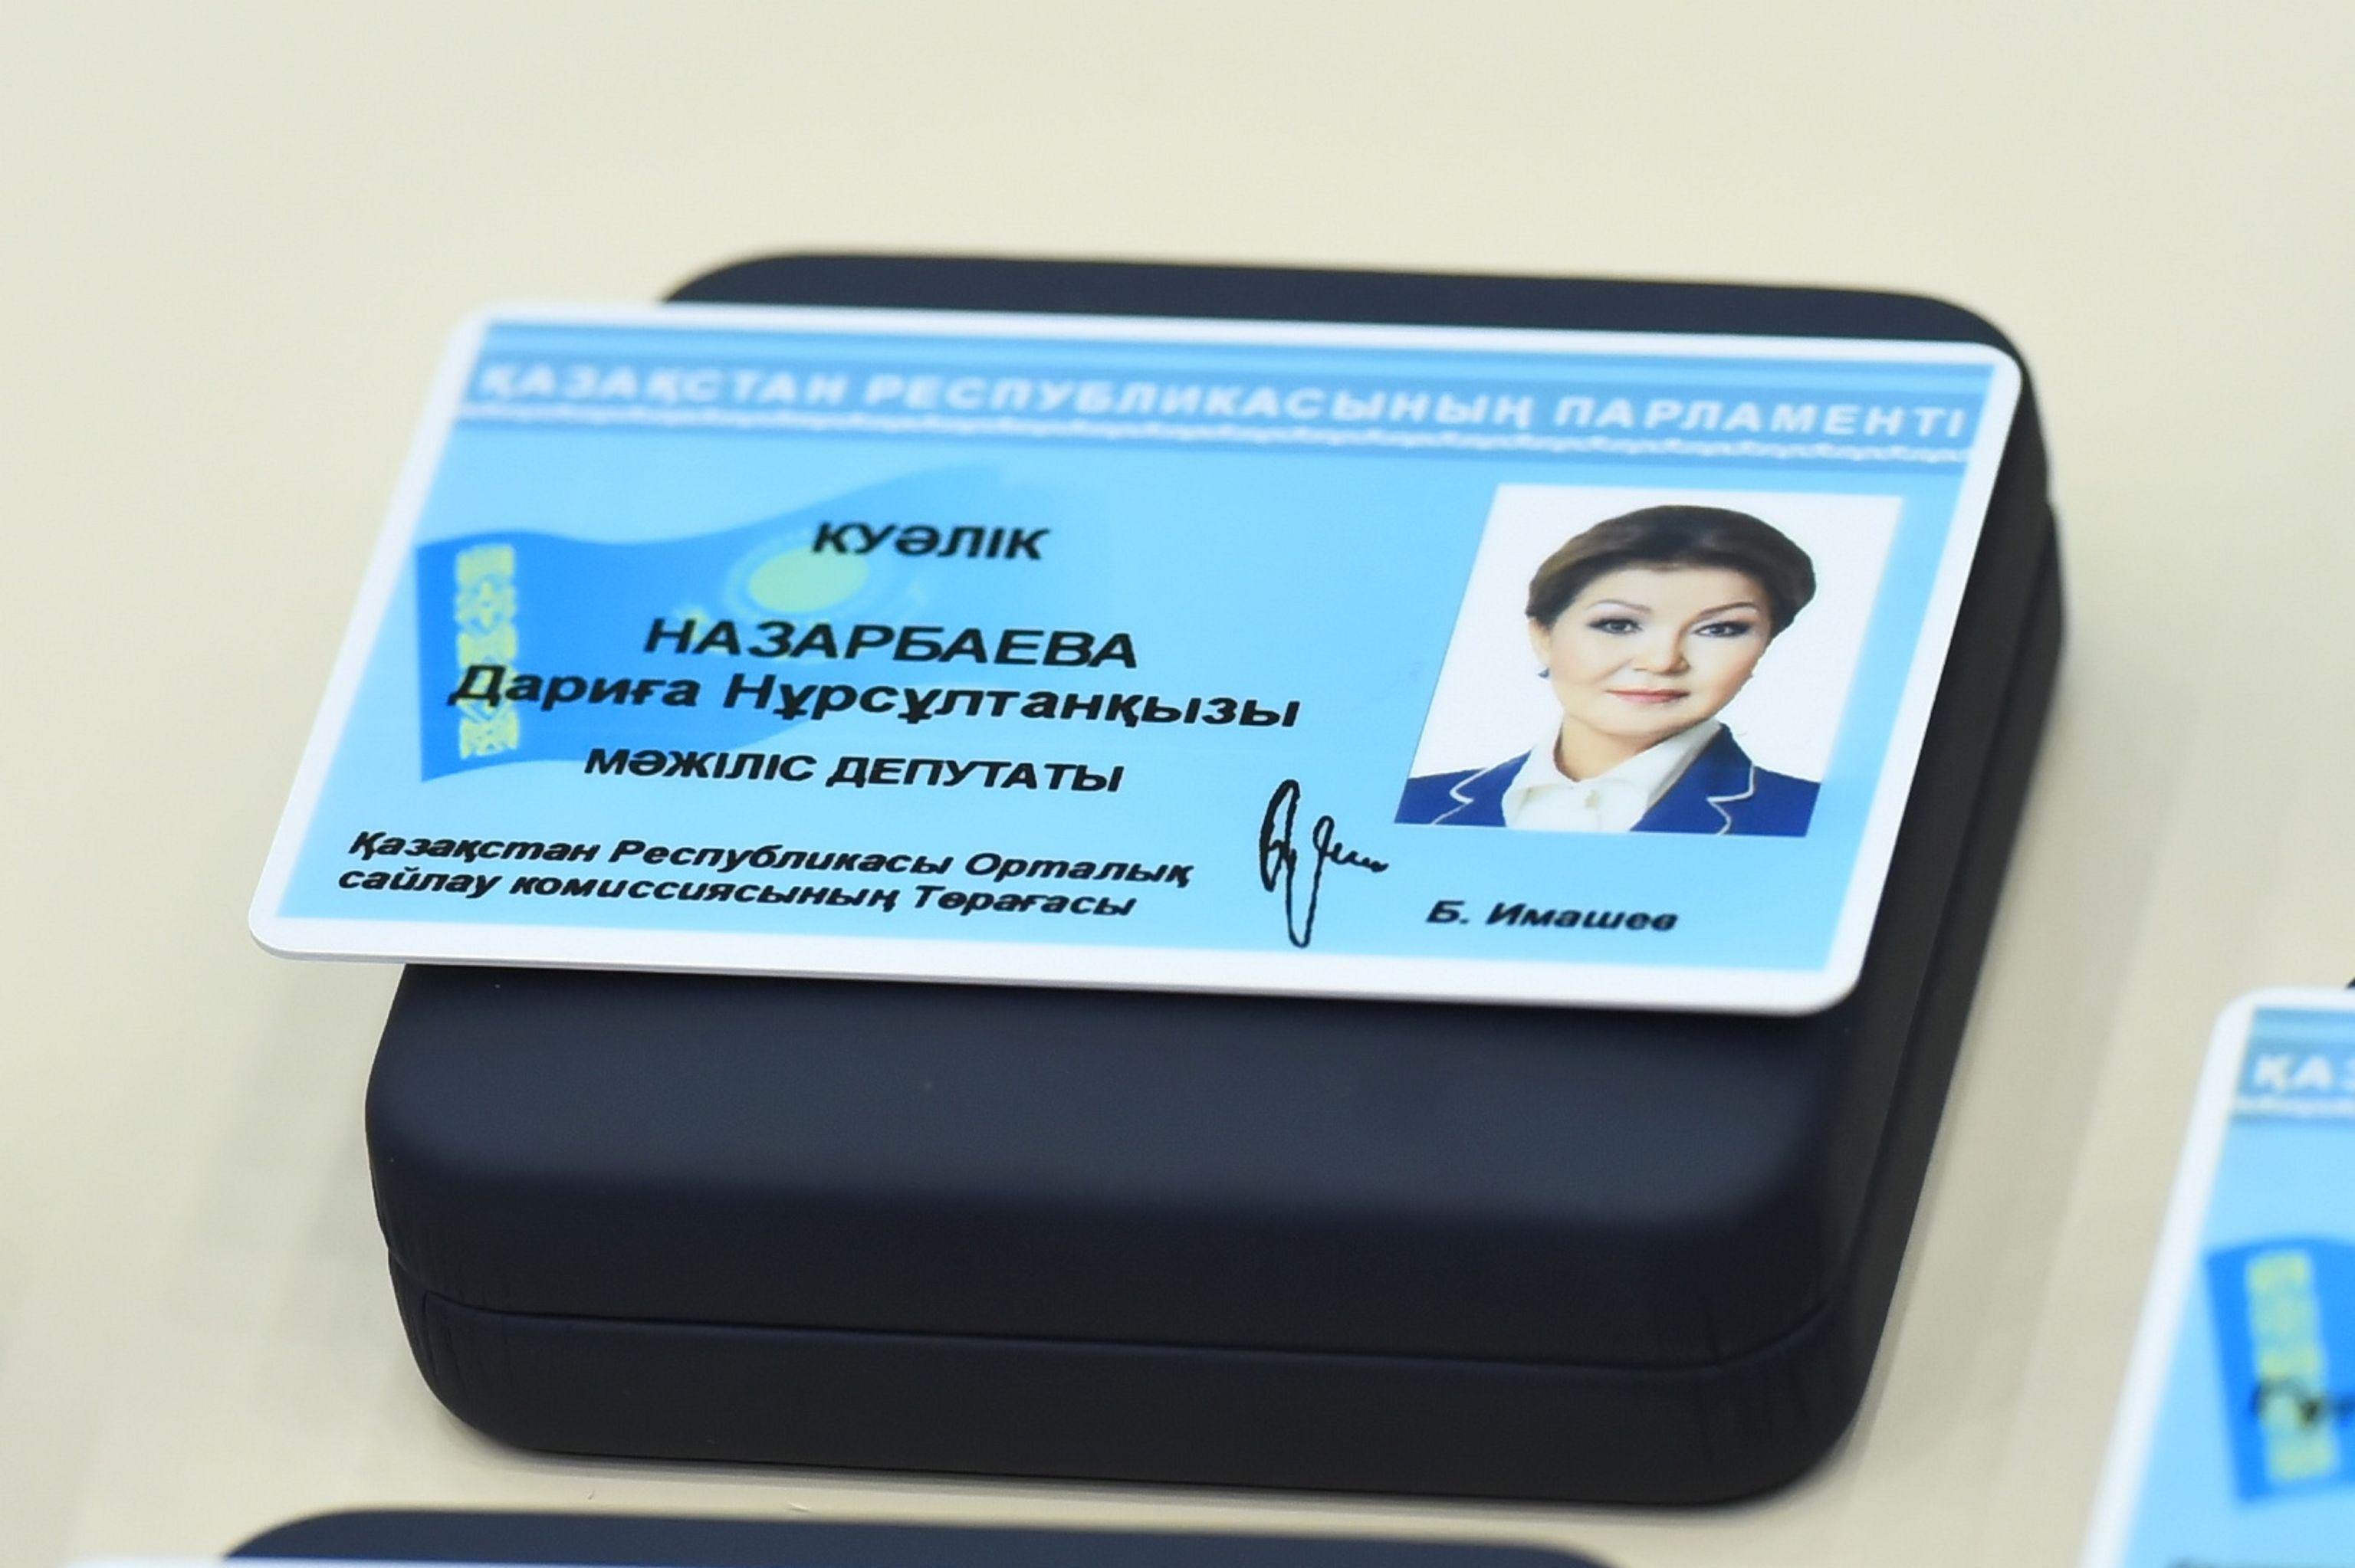 Депутатское удостоверение Дариги Назарбаевой